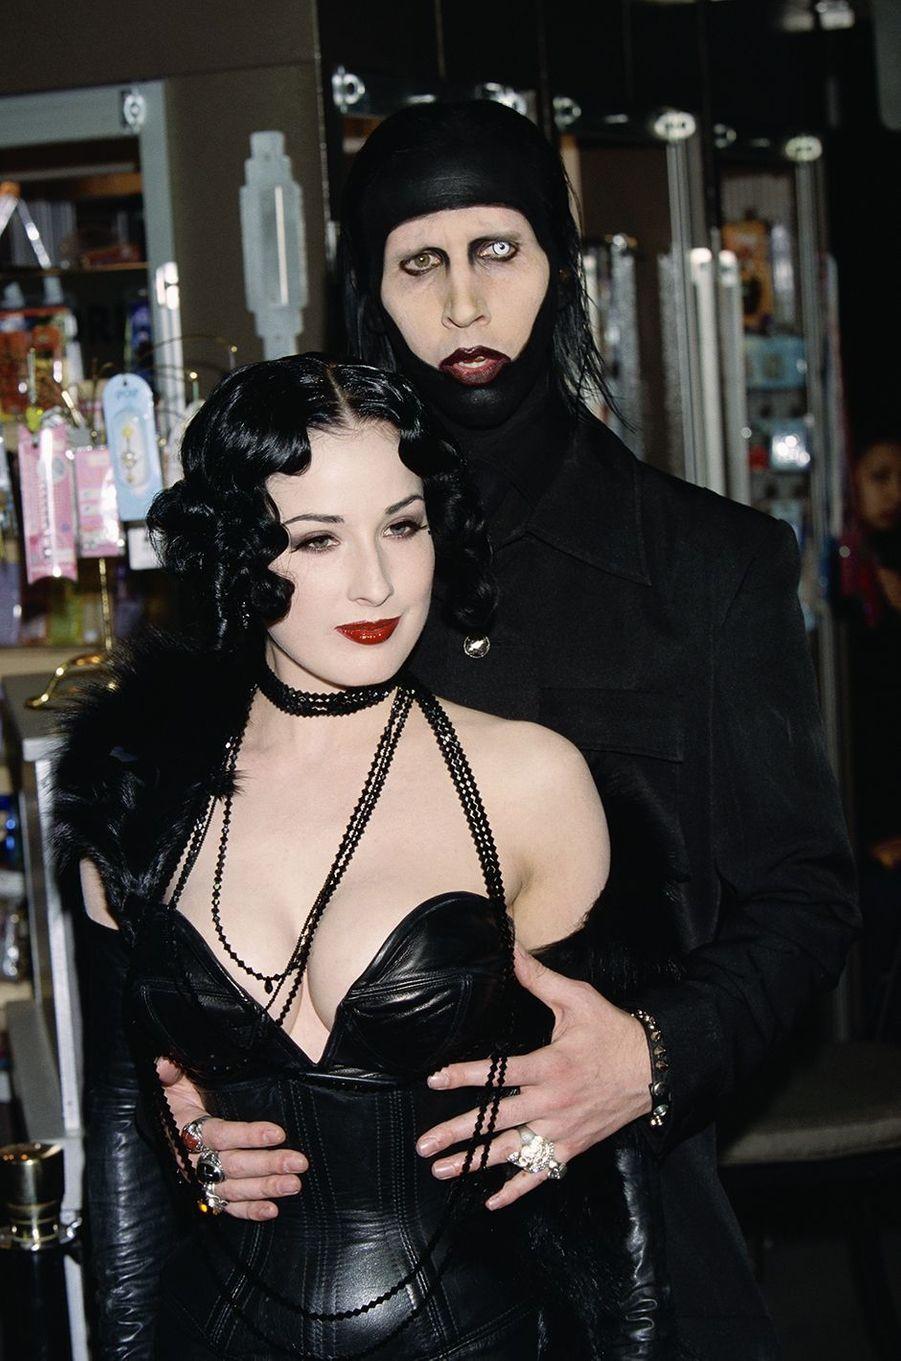 Dita Von Teese et Marilyn Manson lors d'une soirée en janvier 2002